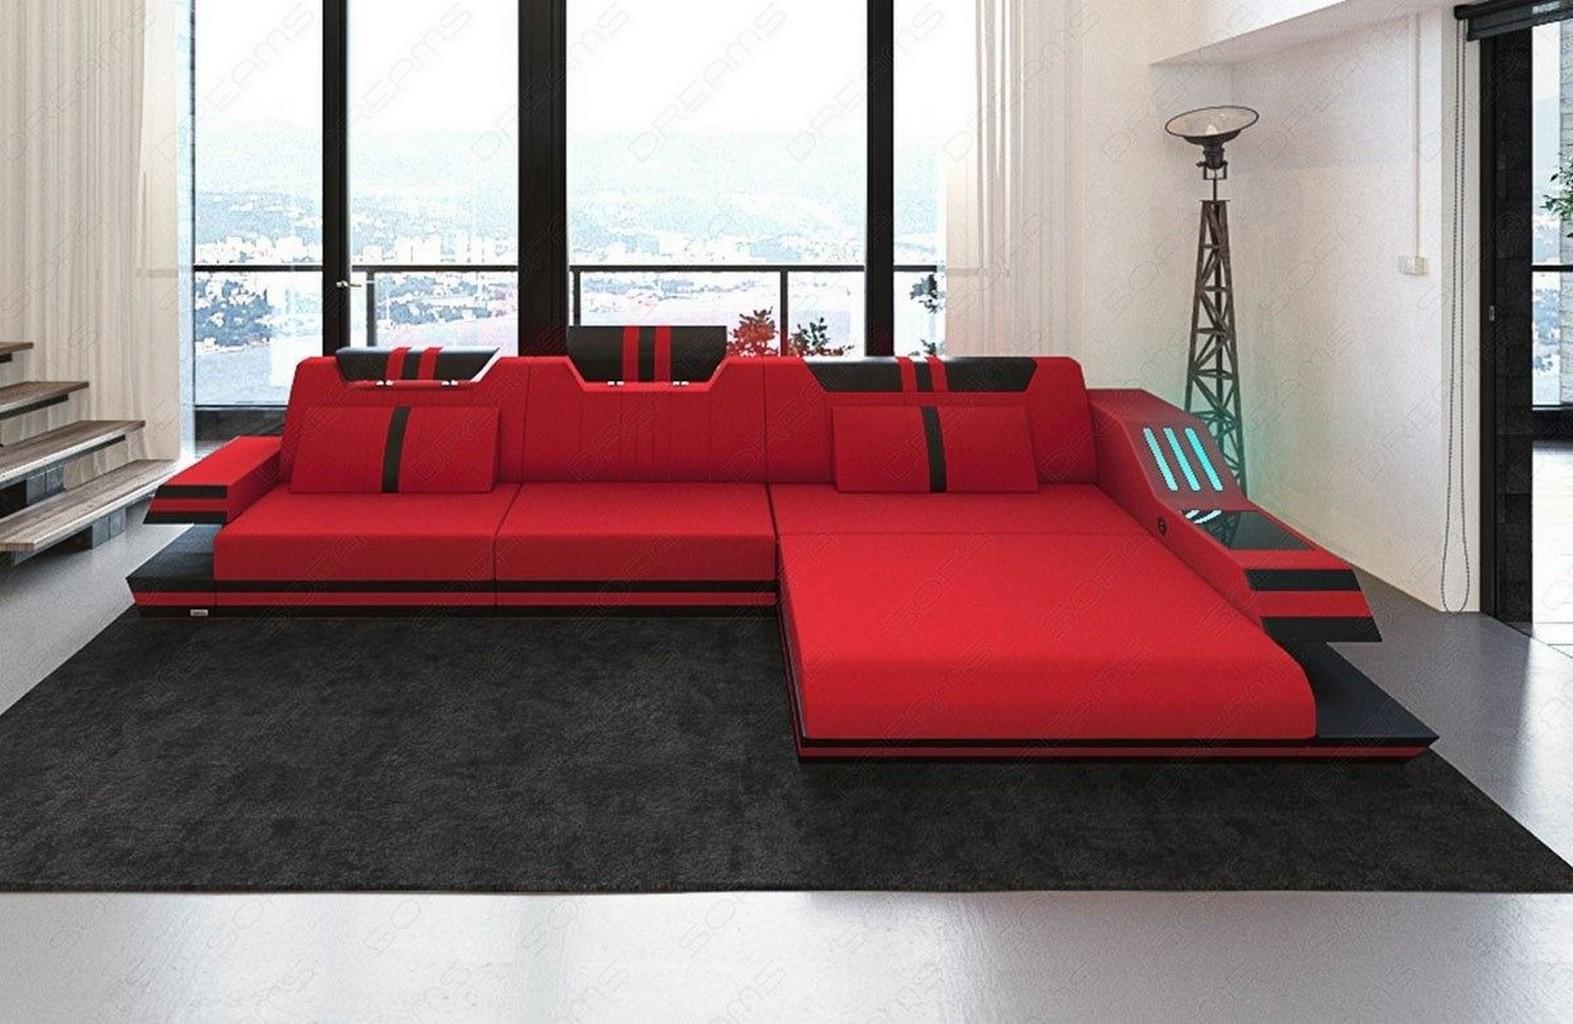 ecksofa mit led beleuchtung ecksofa mit led beleuchtung. Black Bedroom Furniture Sets. Home Design Ideas